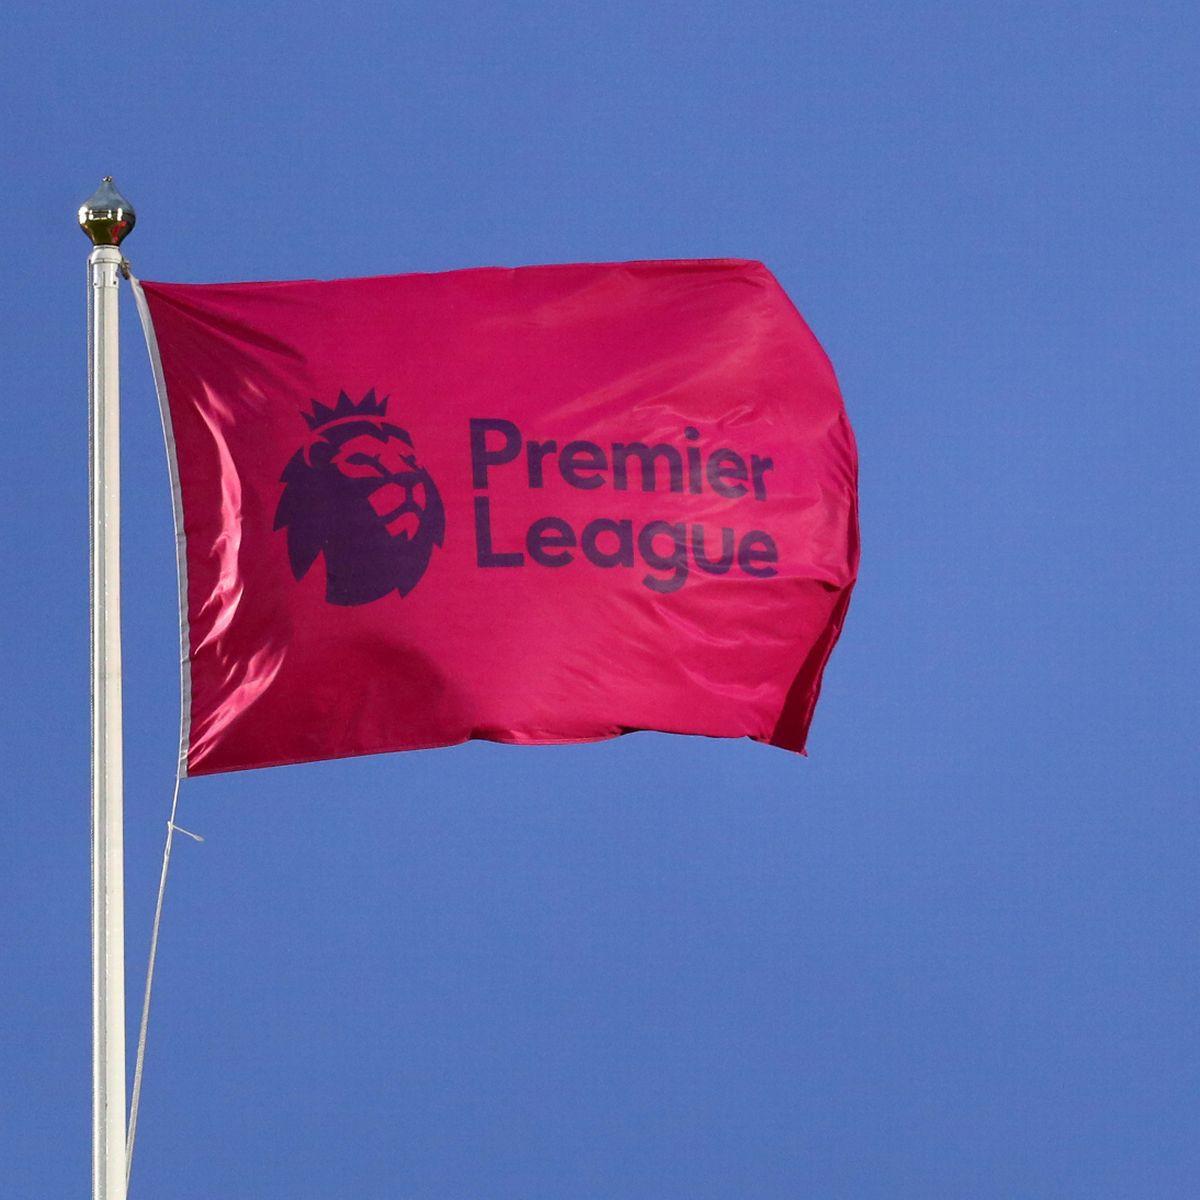 10 joueurs de football - Partie 1 : joueurs de Premier League (prénom en A)